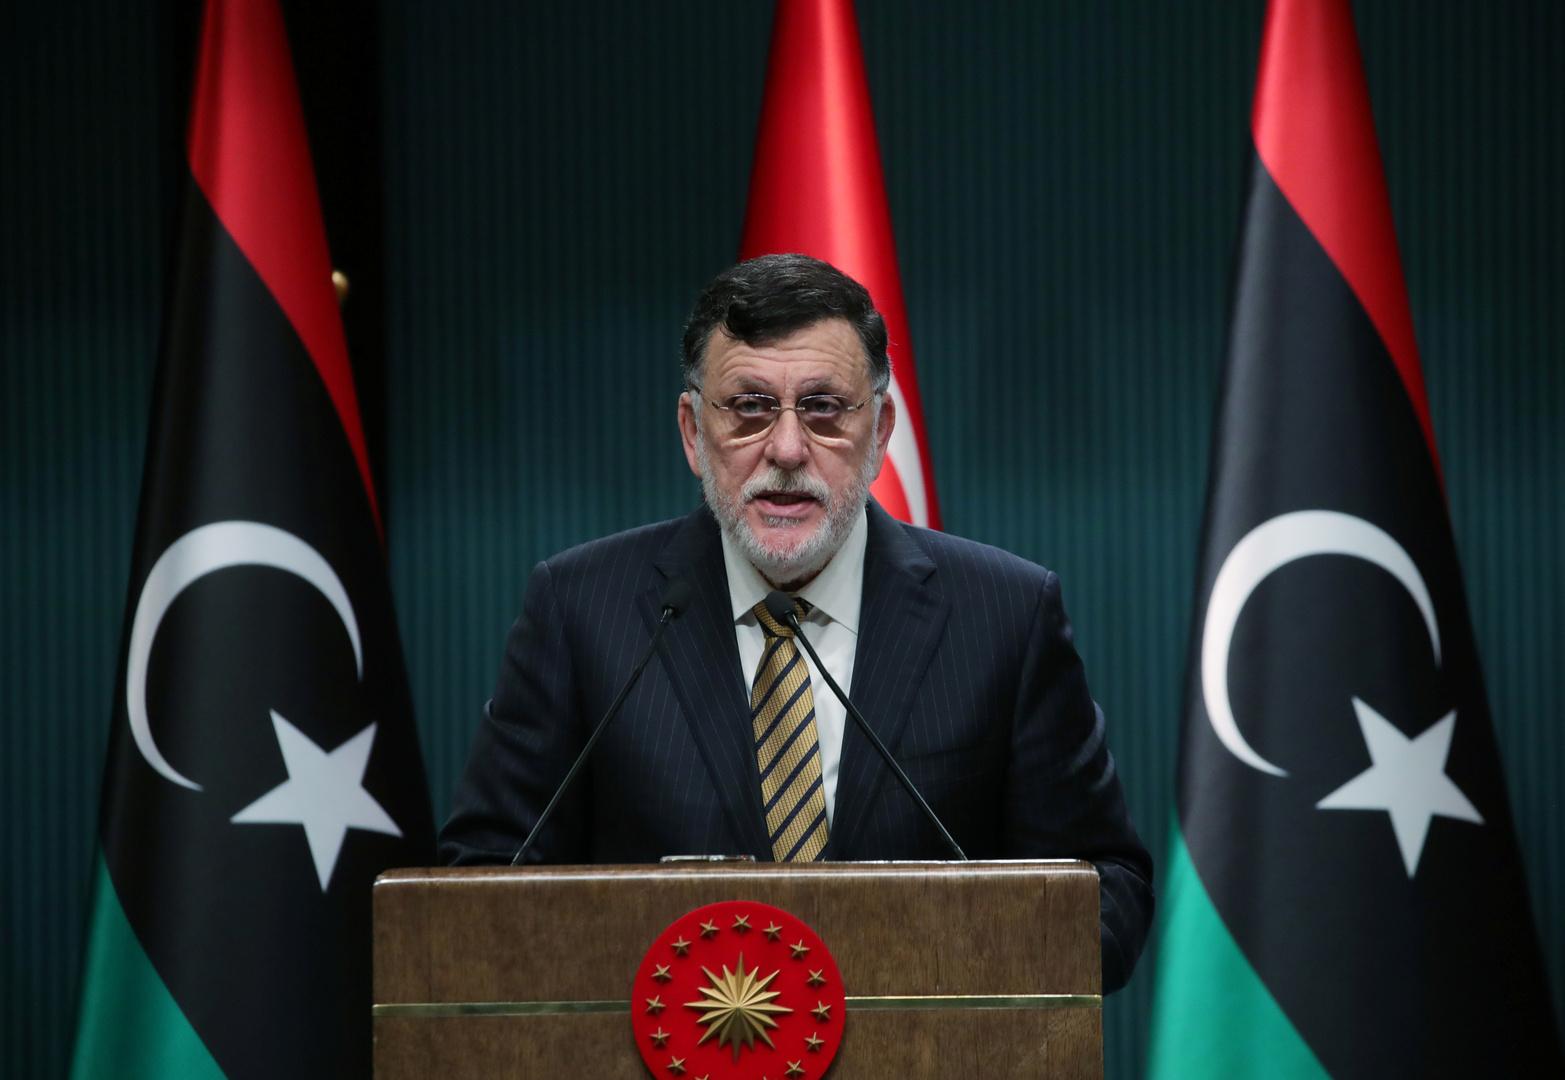 حكومة الوفاق تعلن تحرير المصريين المختطفين في ليبيا واعتقال المسؤولين عن تعذيبهم